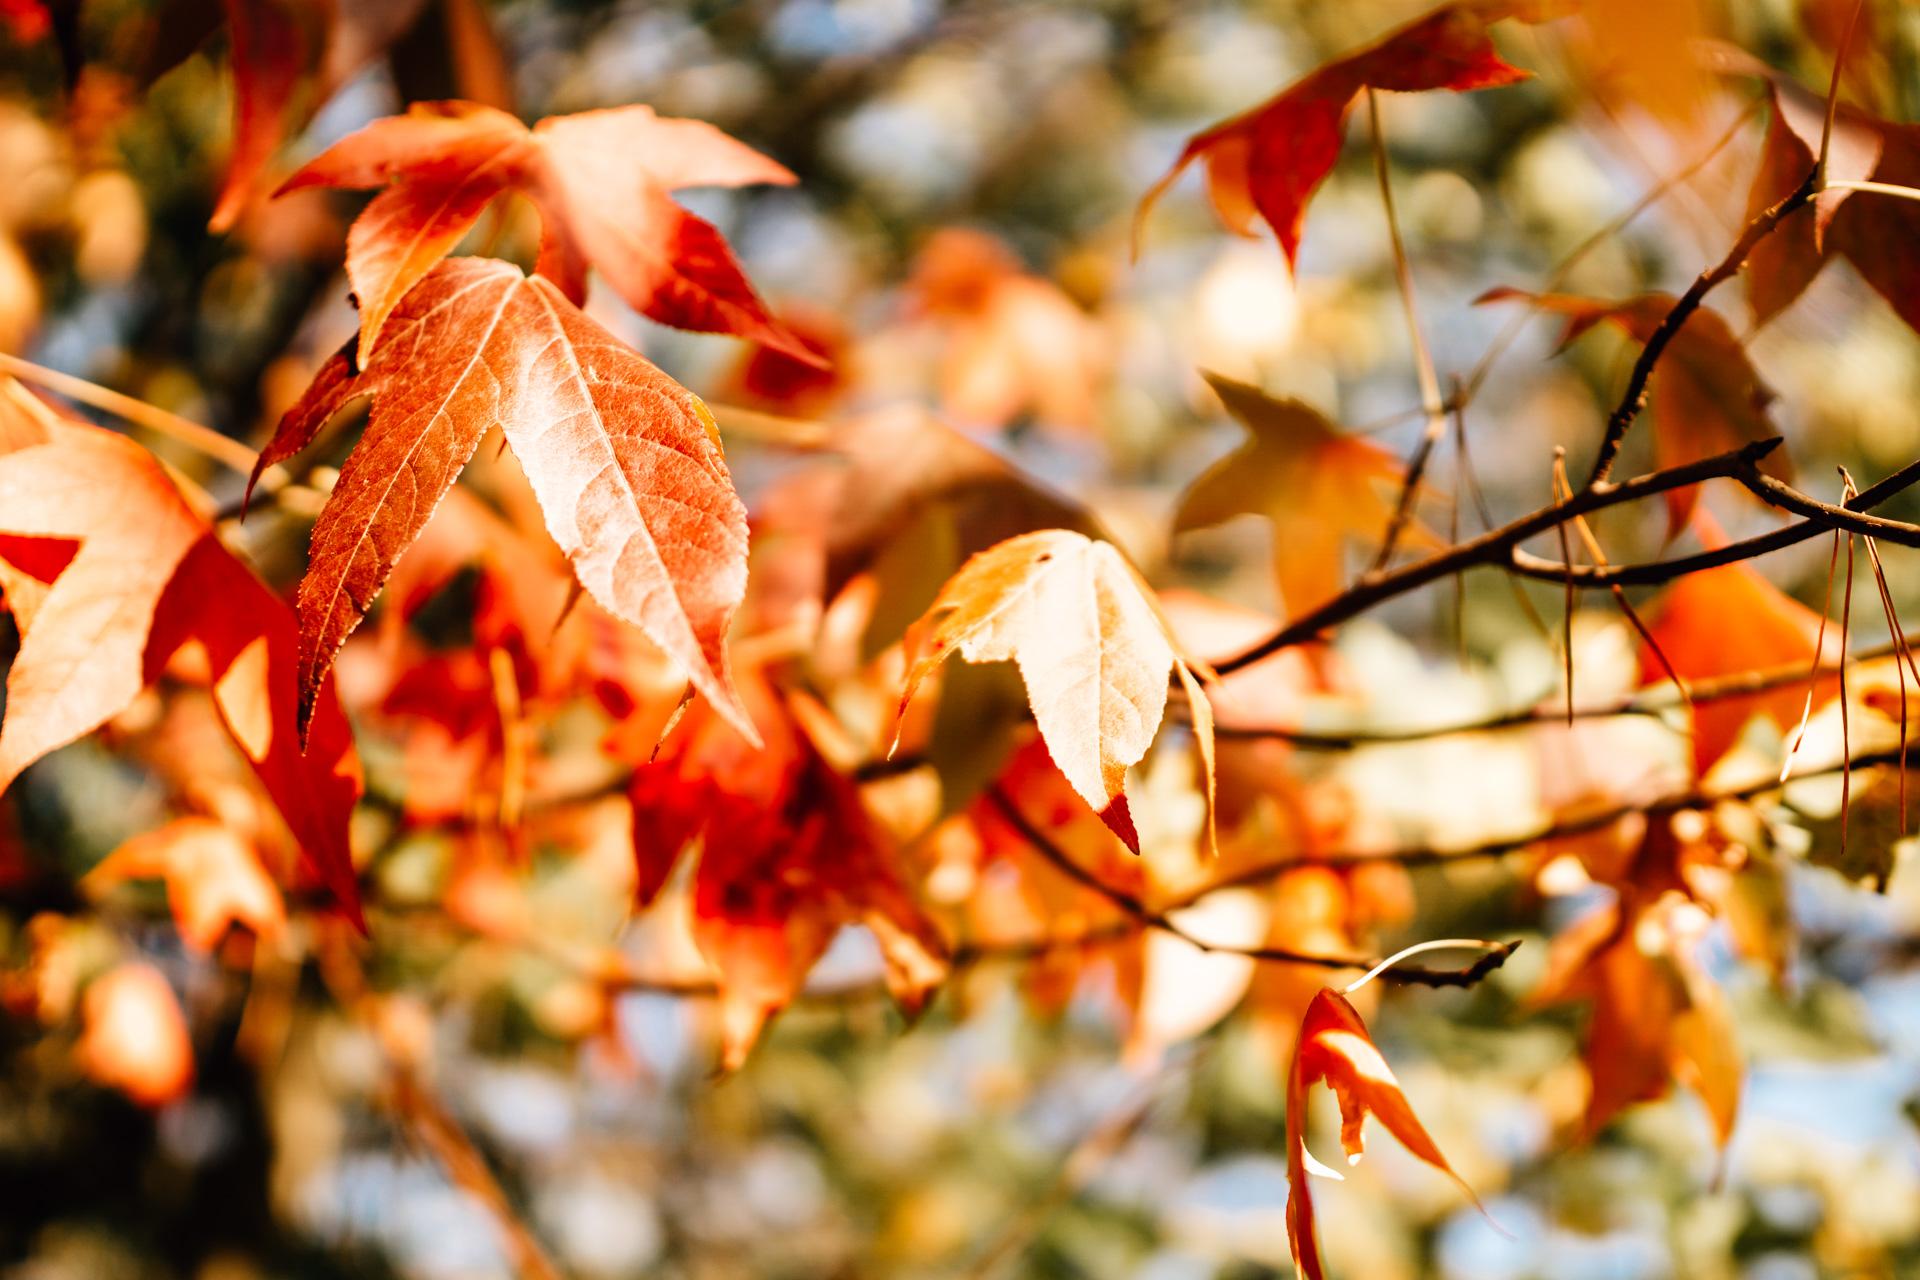 Herbstwald Saarland Fotoshooting Herbstlaub Photographie Poesie